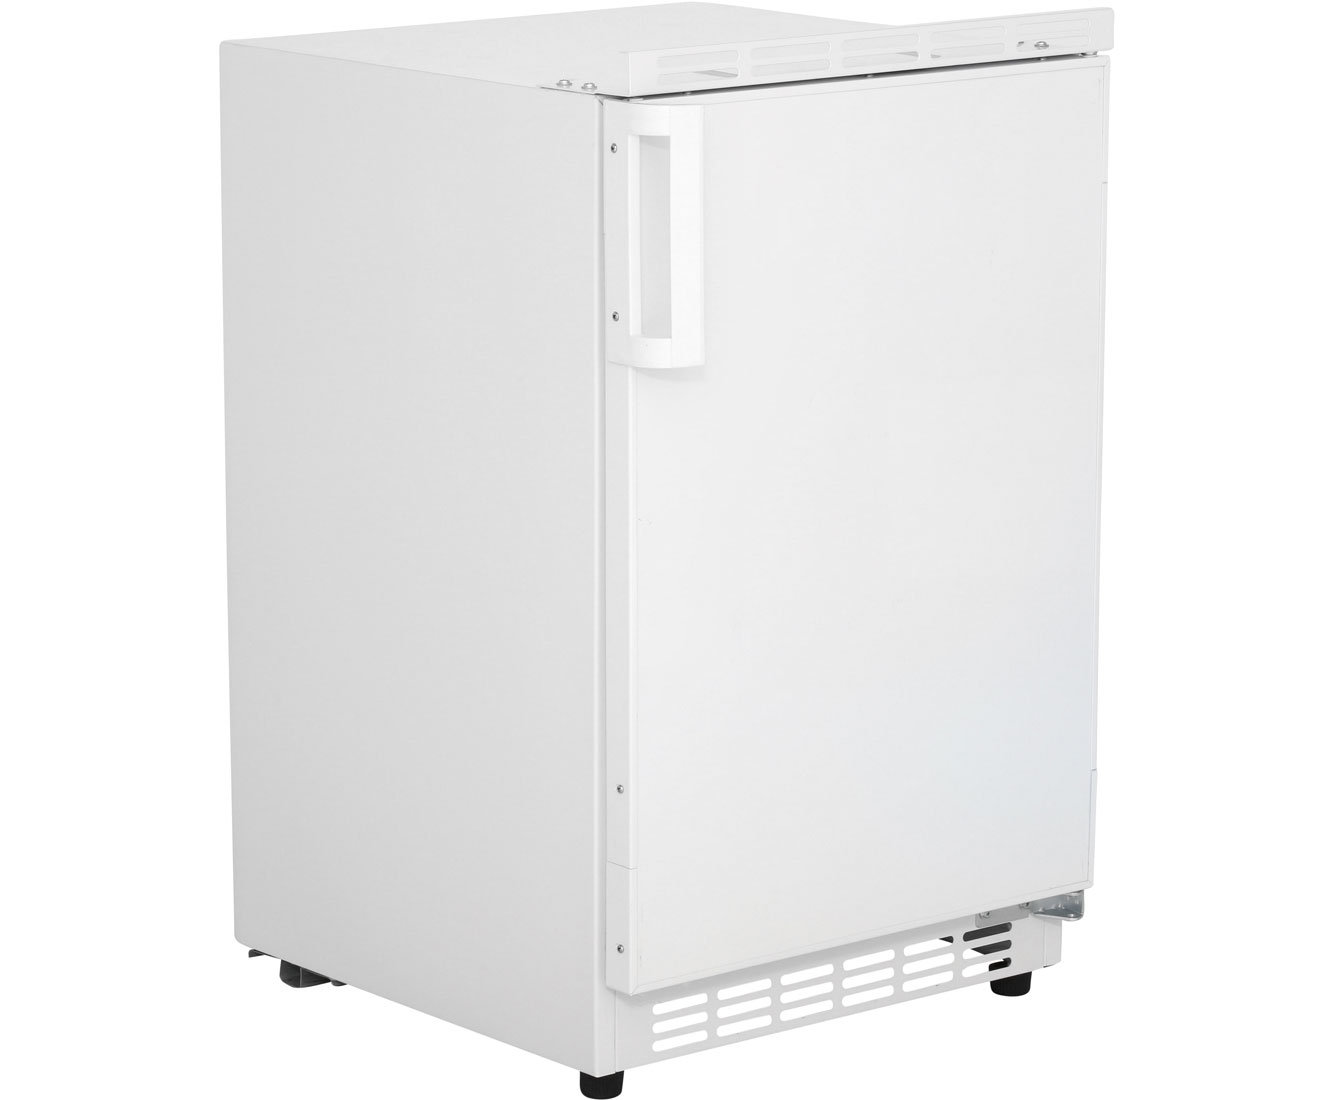 Kleiner Kühlschrank Idealo : Amica uks unterbau kühlschrank mit gefrierfach er nische